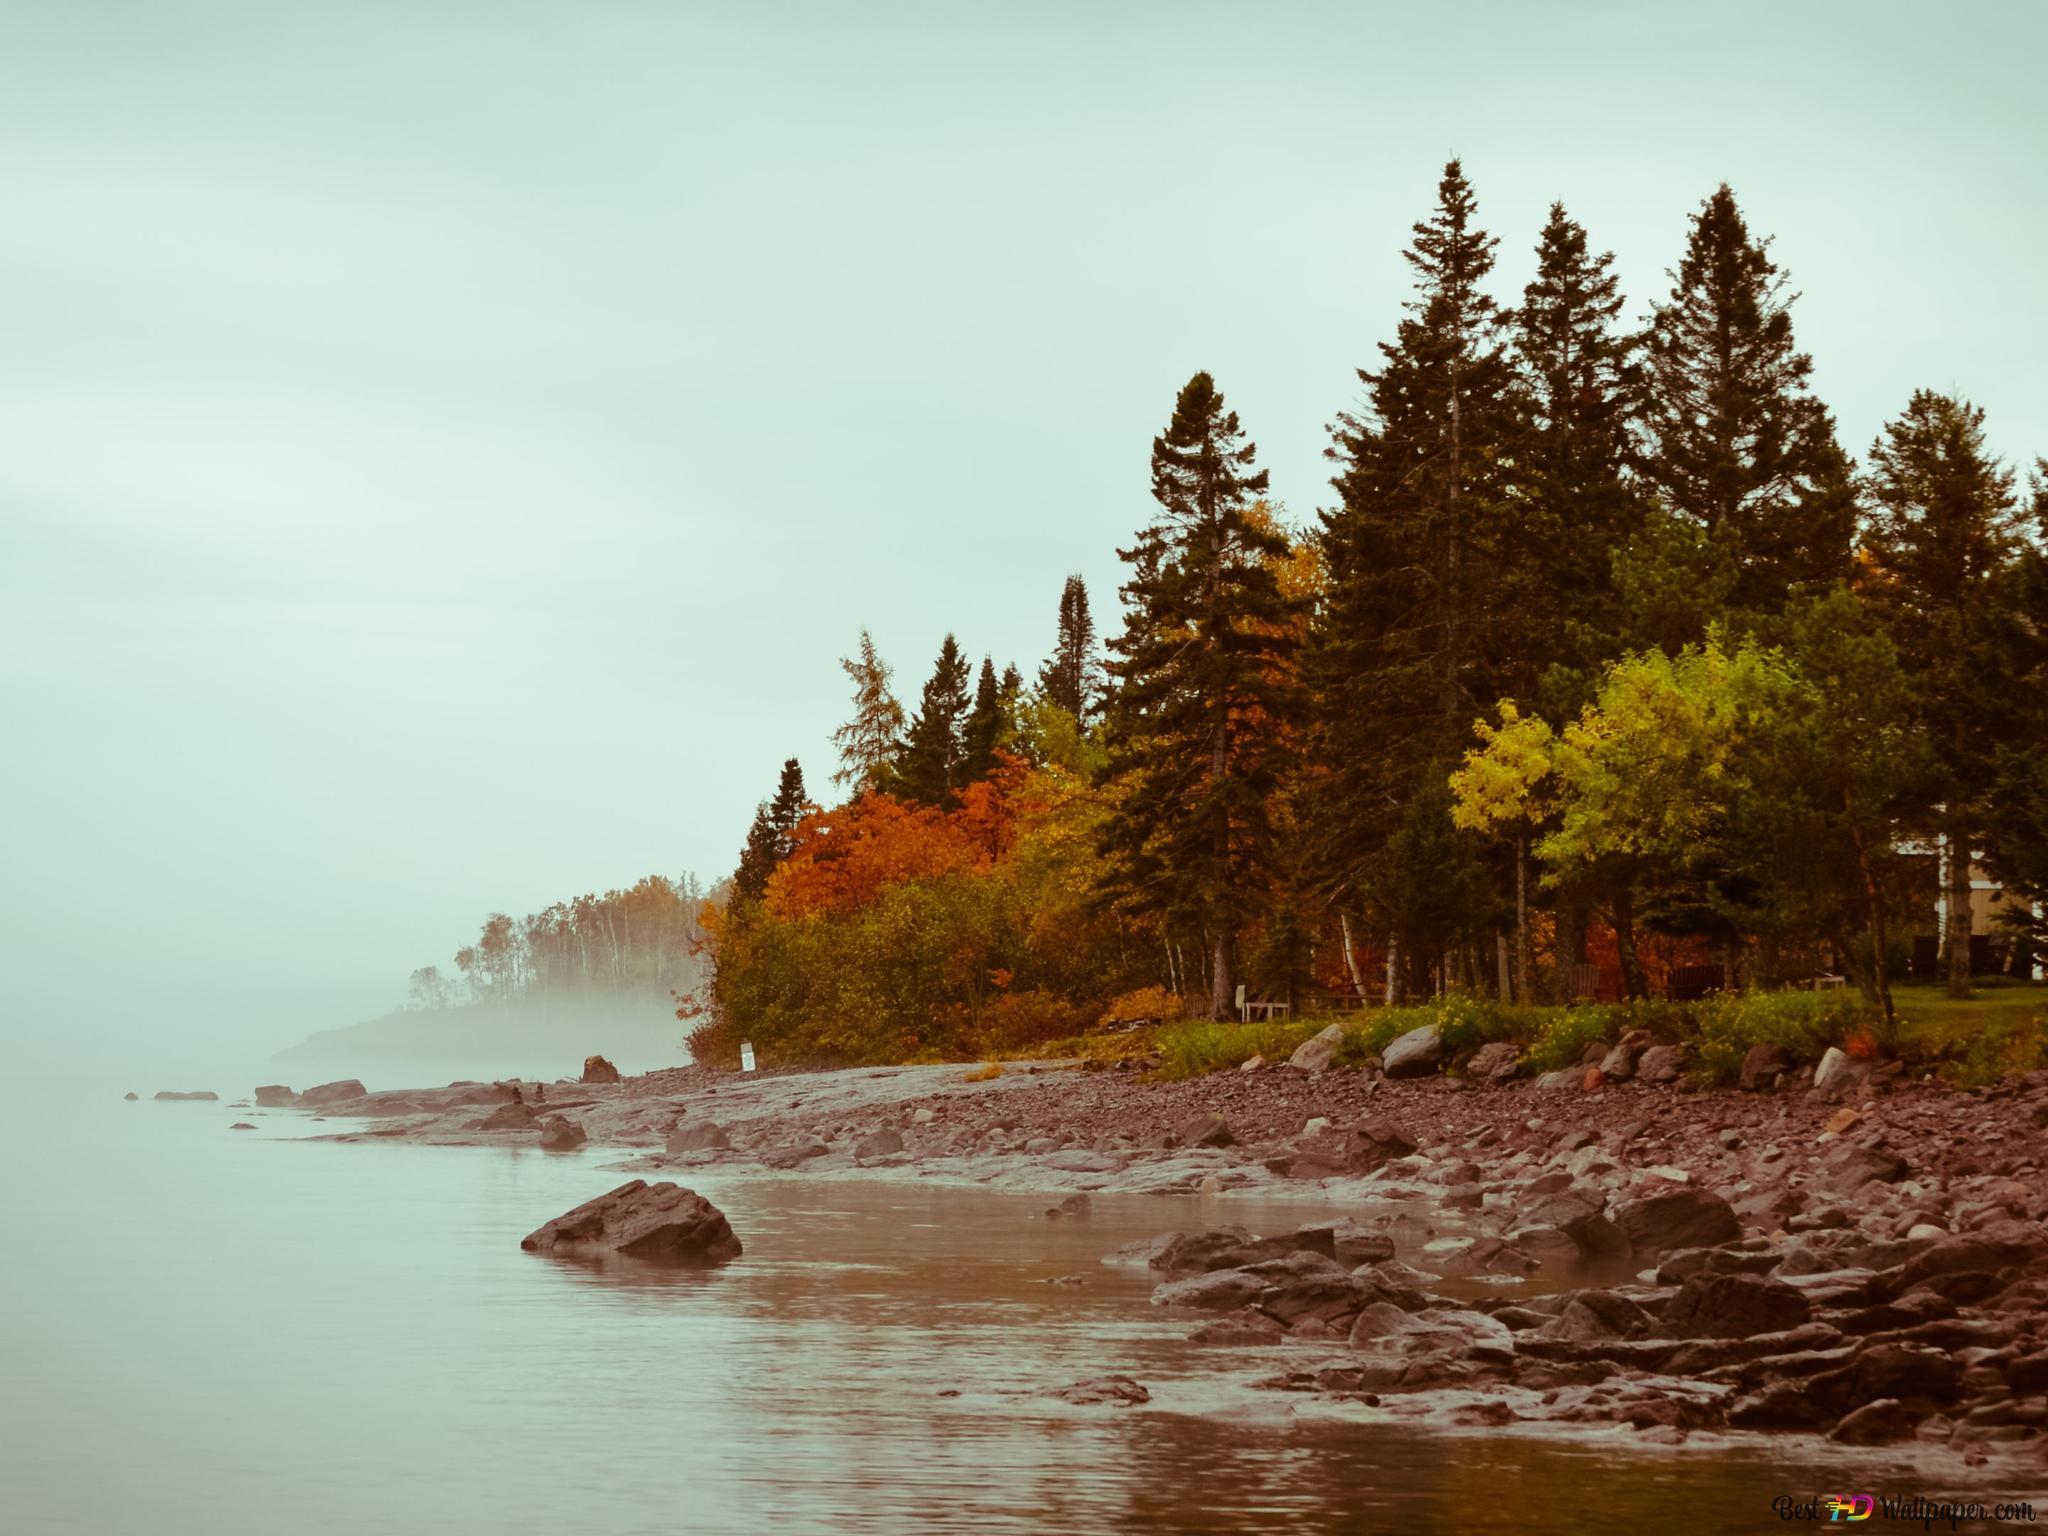 Gölün Doğa Arka Plan Hd Duvar Kağıdı Indir